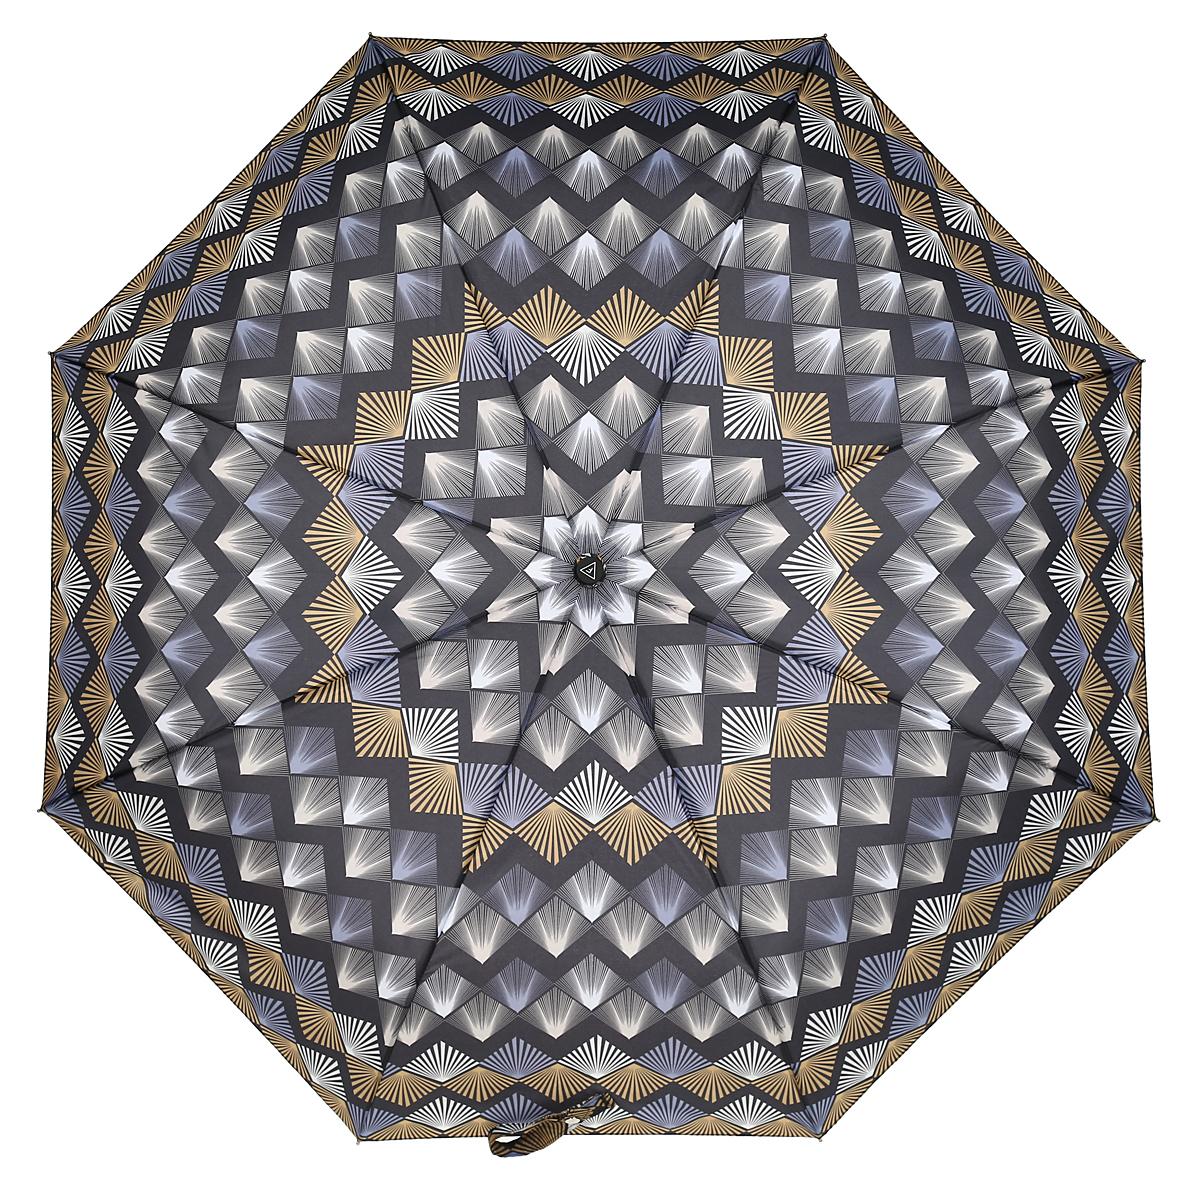 Зонт-автомат женский Fabretti, 3 сложения, цвет: черный, серый, желтый. L-15114-1Fabretti L-15114-1Автоматический зонт торговой марки Fabretti, произведенный из качественных материалов, станет стильным аксессуаром для девушек и женщин любых возрастов. Купол зонтика выполнен из полиэстера, обработанного водоотталкивающей пропиткой, и оформлен ярким орнаментом. Каркас зонта изготовлен из восьми металлических спиц, стержня и ручки с полиуретановым покрытием, разработанной с учетом эргономических требований. Зонт оснащен автоматическим механизмом в три сложения. Купол открывается и закрывается нажатием кнопки на рукоятке, благодаря чему открыть и закрыть зонт можно одной рукой, что очень удобно при входе в транспорт или помещение, стержень складывается вручную до характерного щелчка. Рукоятка зонта для удобства оснащена шнурком, позволяющим при необходимости надеть зонт на руку. Благодаря компактным размерам зонта в сложенном виде, можно без труда поместить его в сумочку. Зонт поставляется в чехле. Женский зонт Fabretti не только выручит вас в...